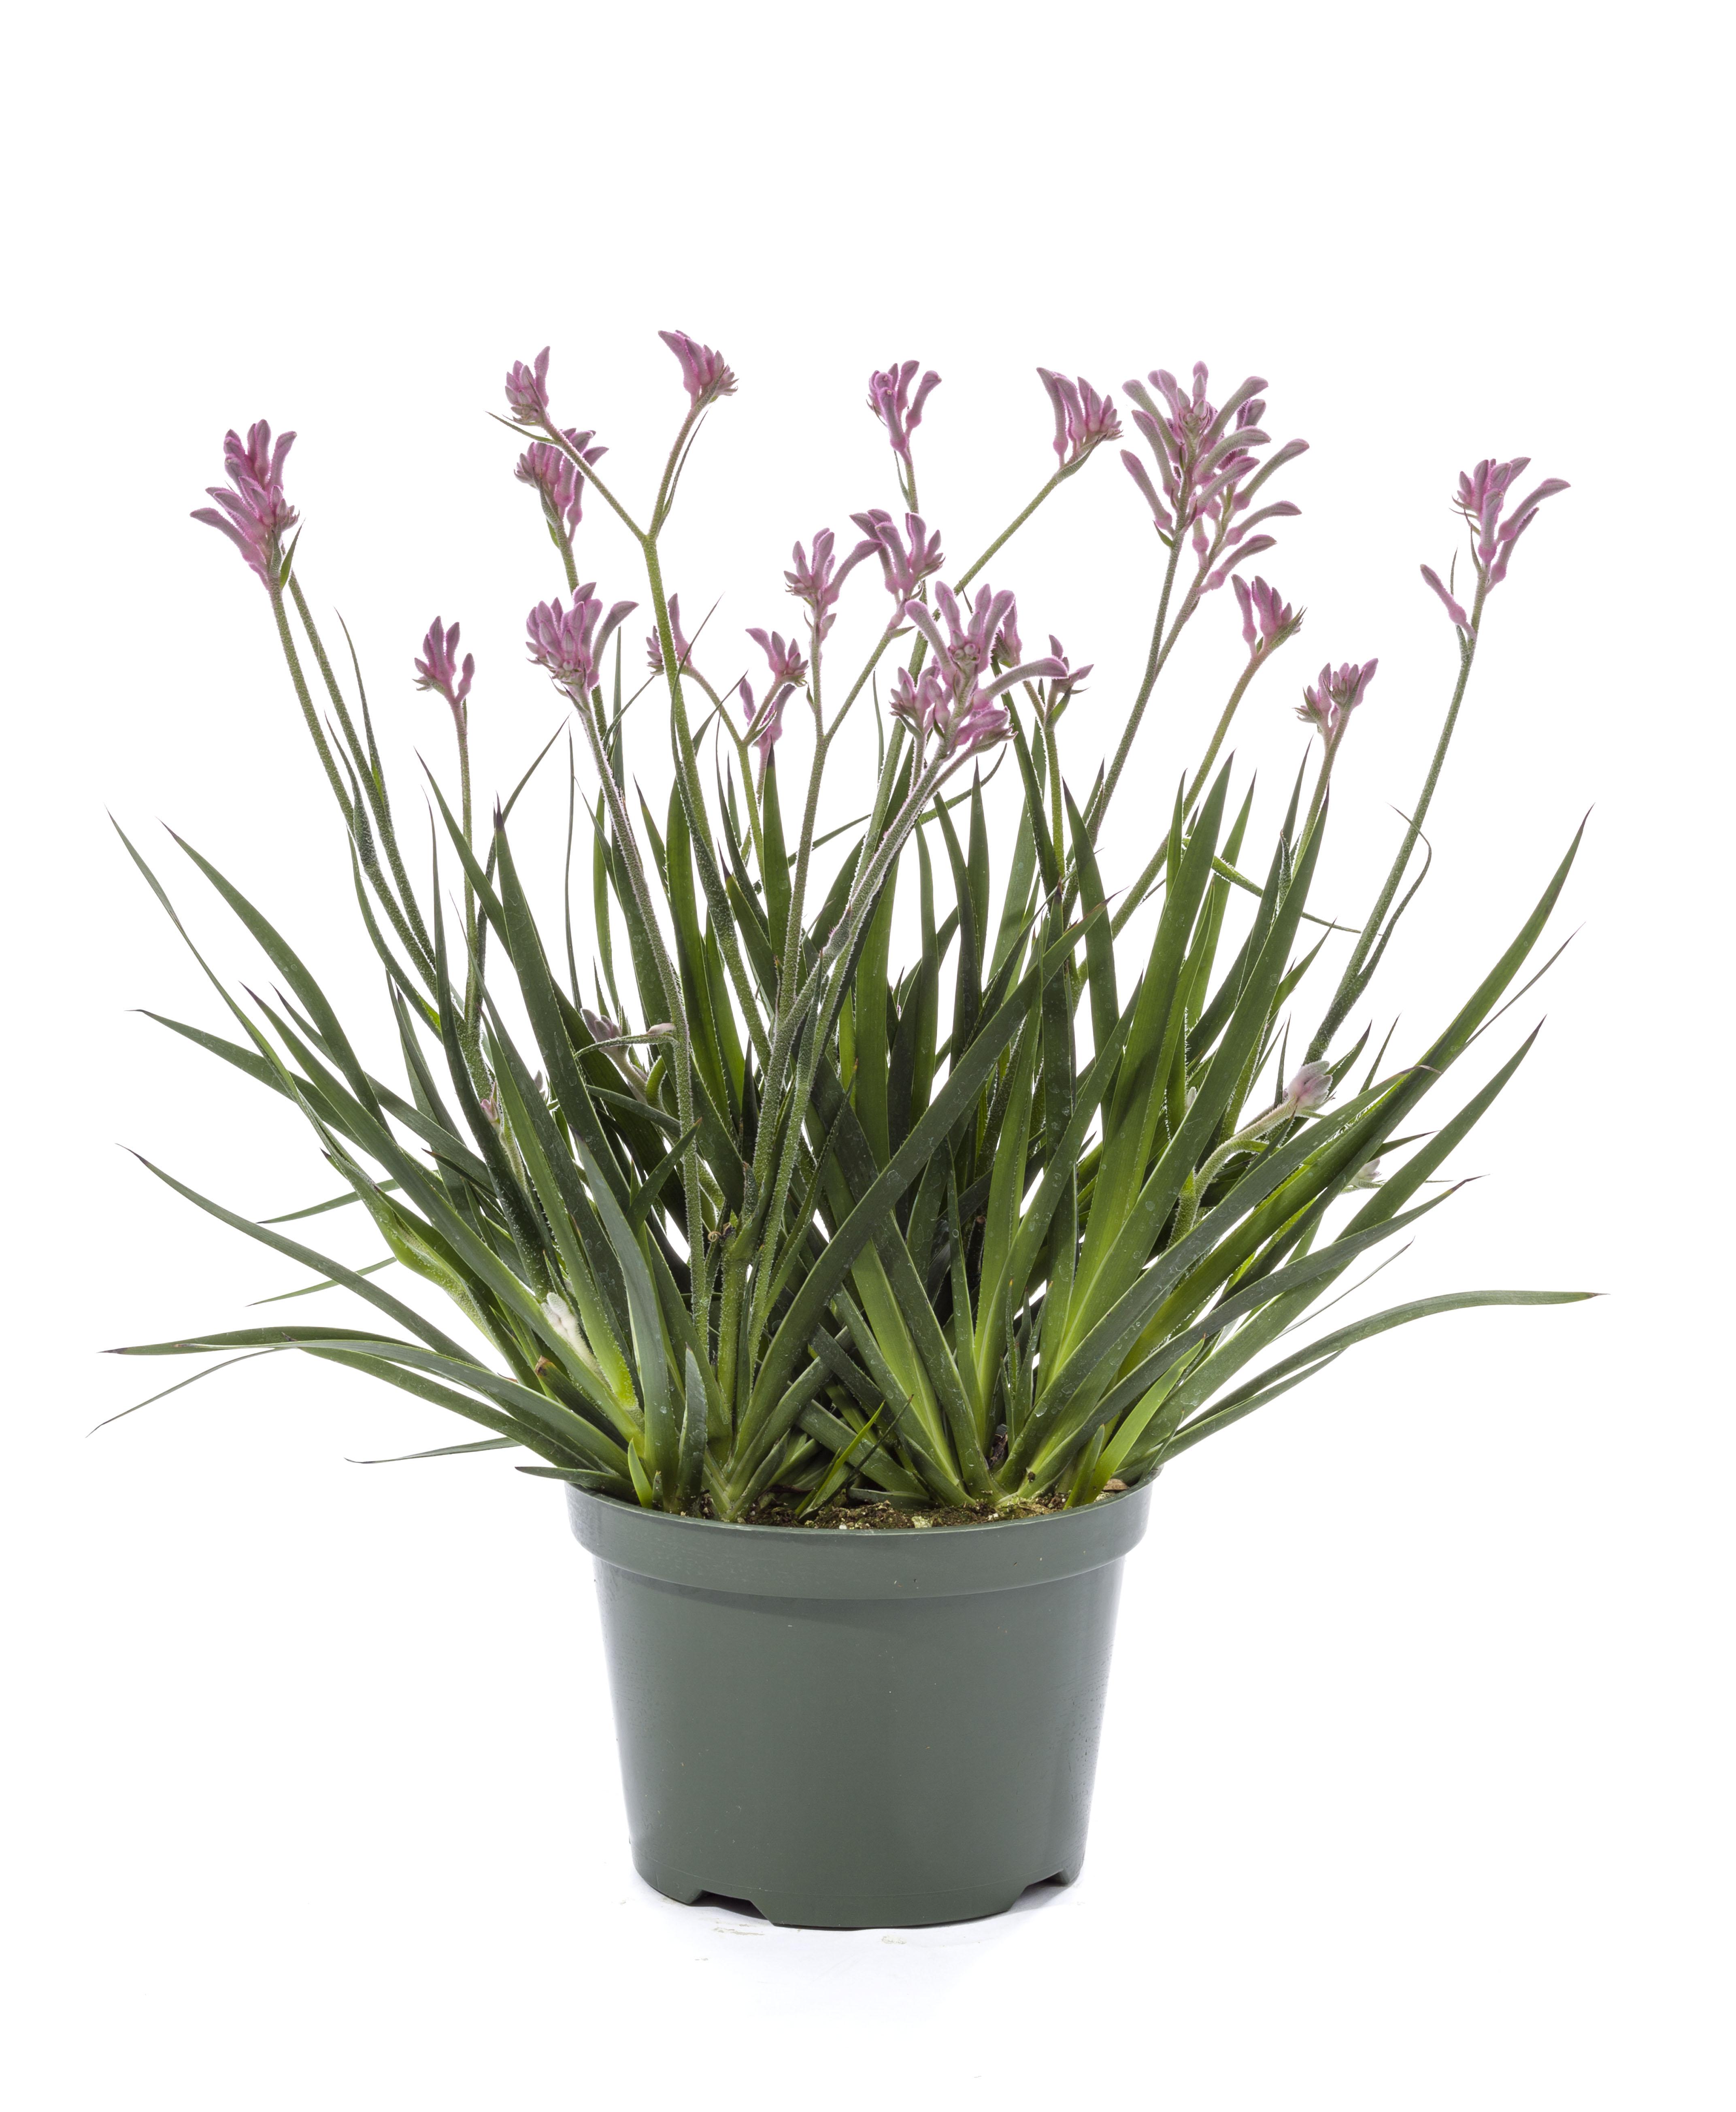 Anigozanthos Kanga Green Fuse Botanicals Inc